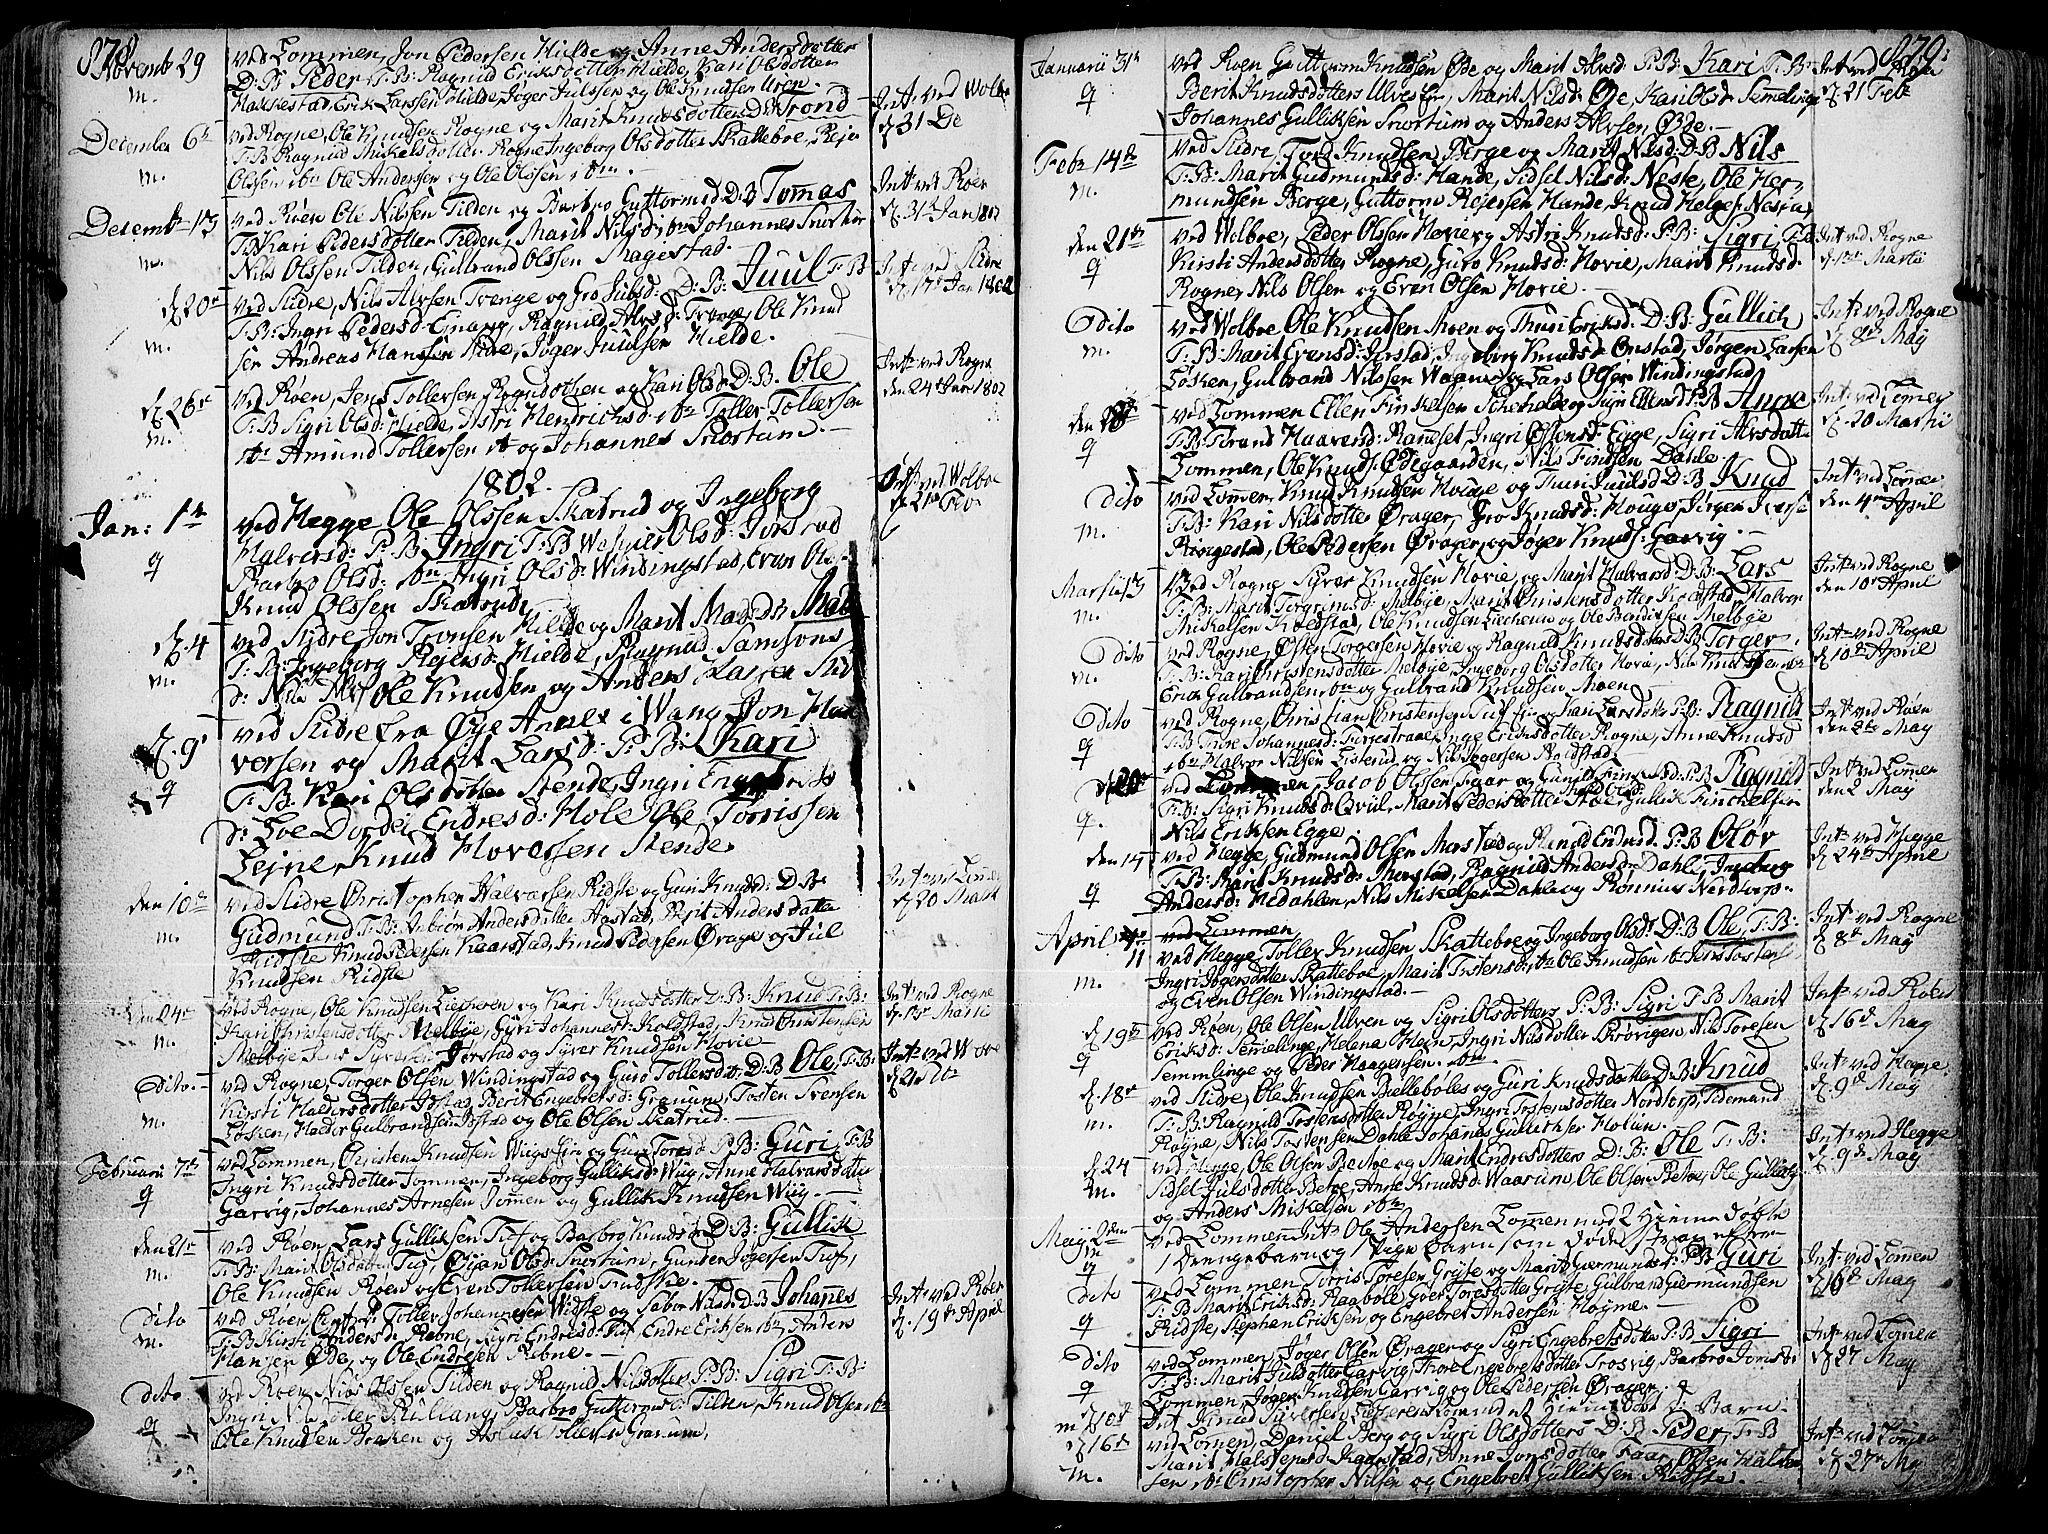 SAH, Slidre prestekontor, Ministerialbok nr. 1, 1724-1814, s. 878-879